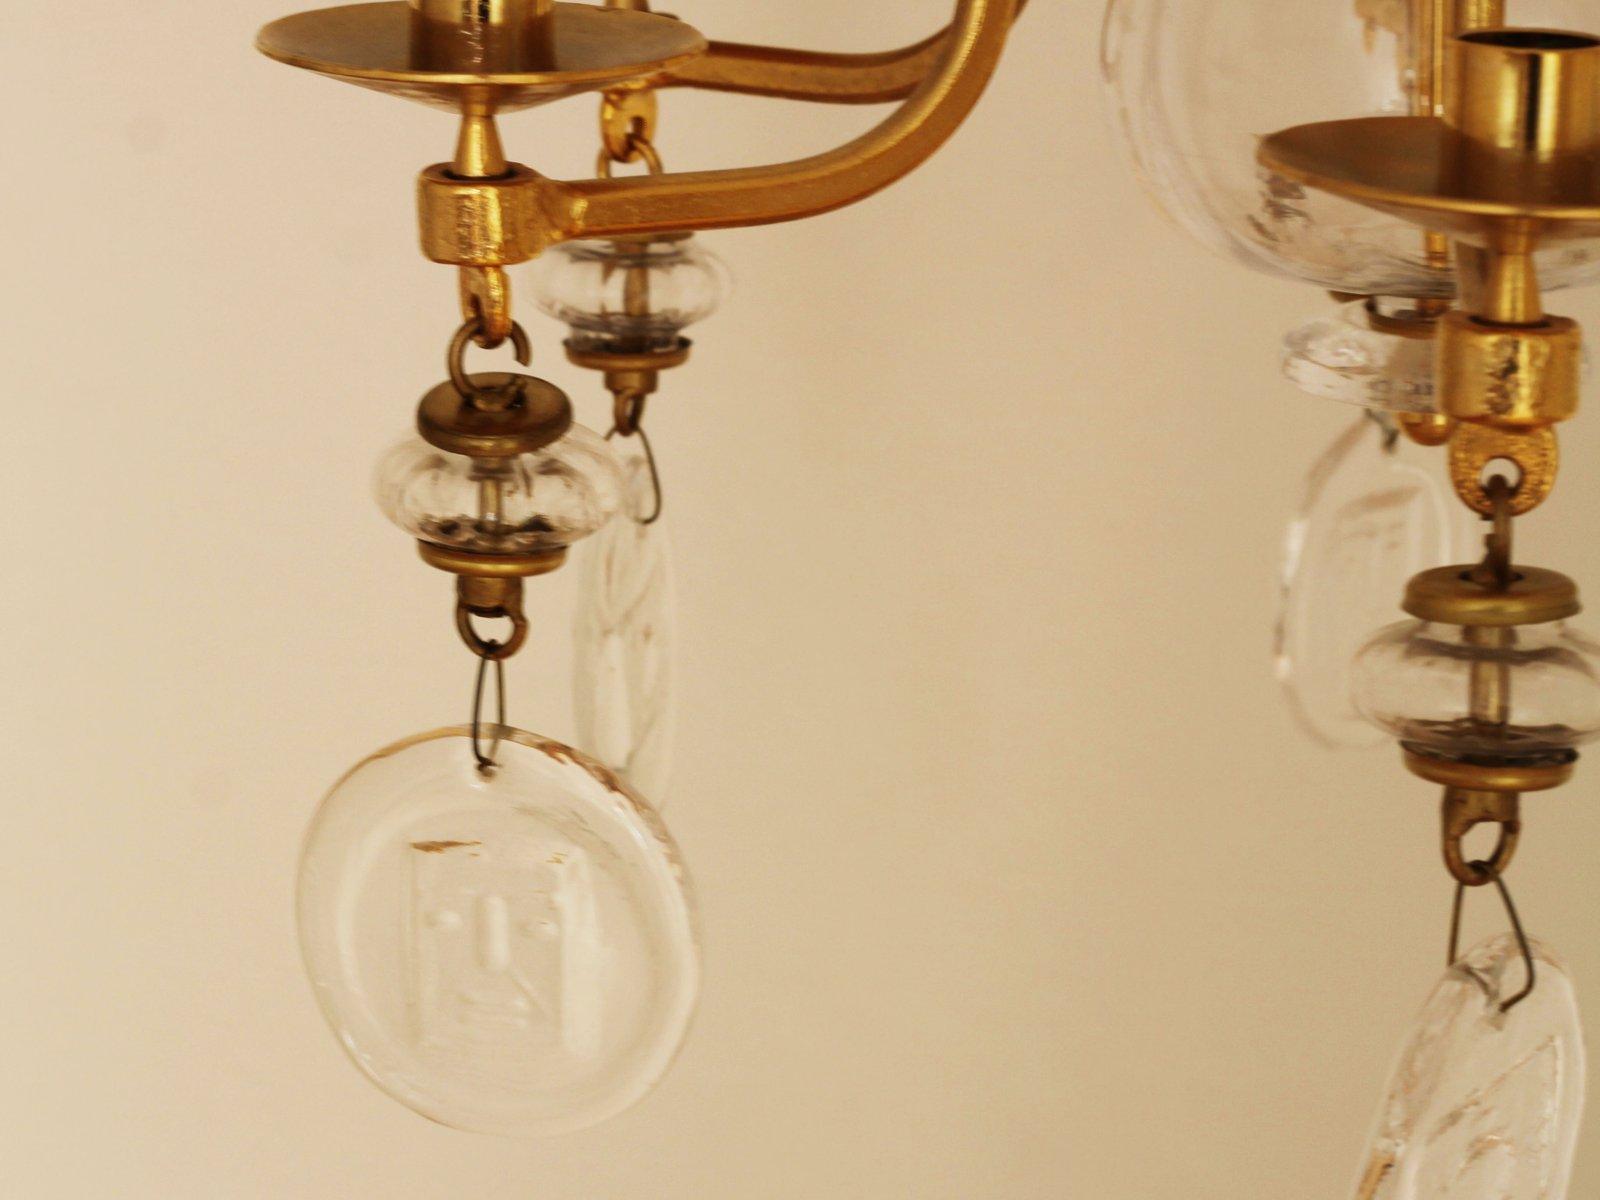 Kronleuchter Eisen Für Kerzen ~ Großer mid century kerzen kronleuchter aus vergoldetem eisen